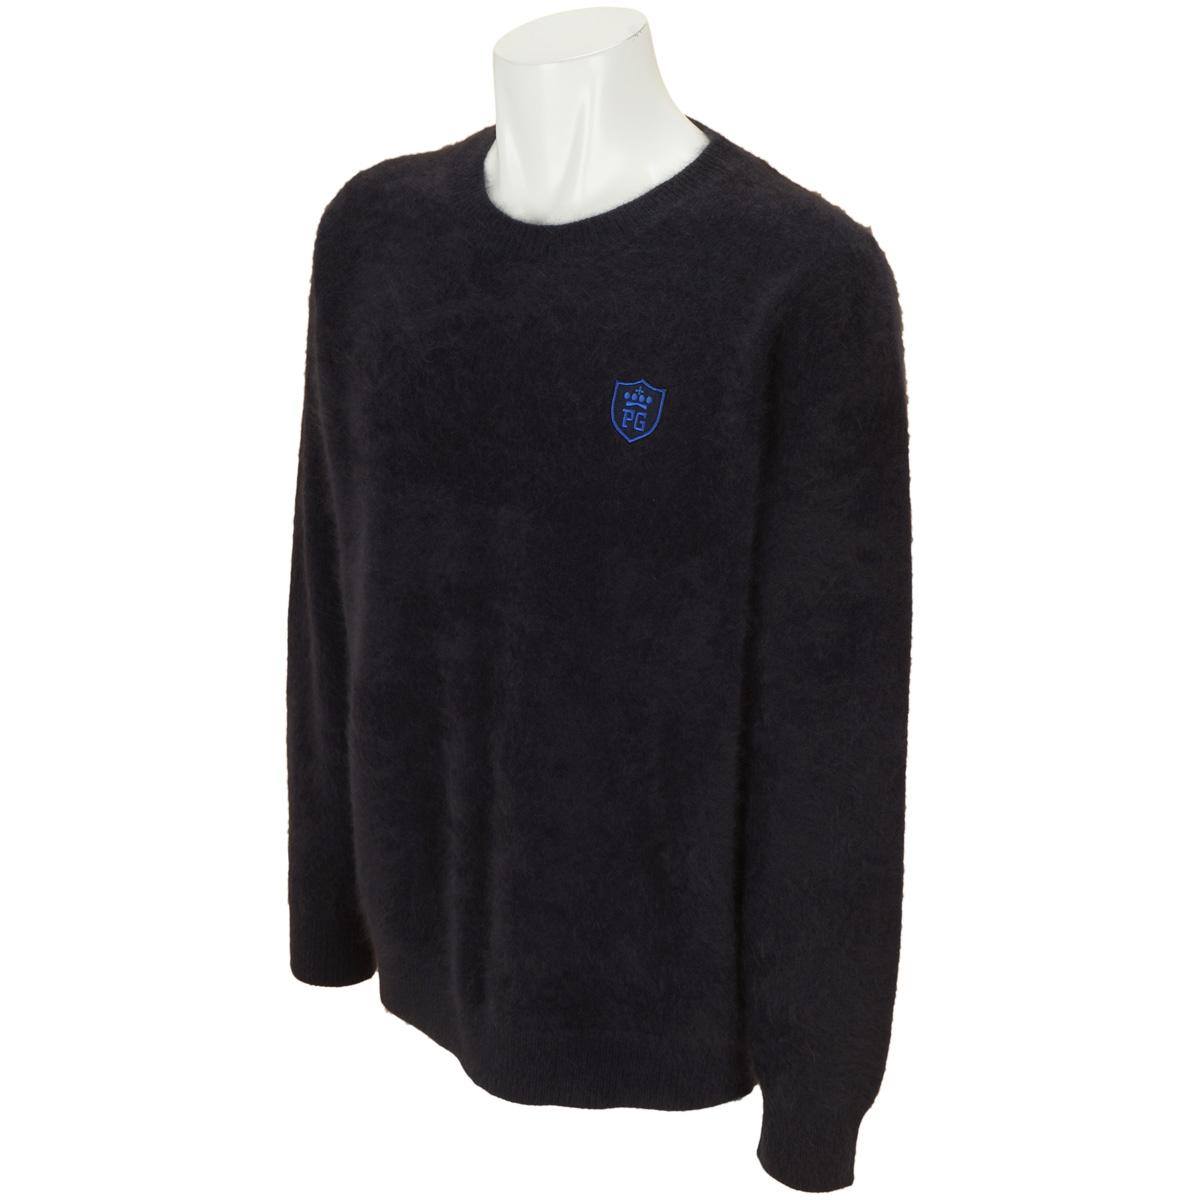 ラクーン セーター